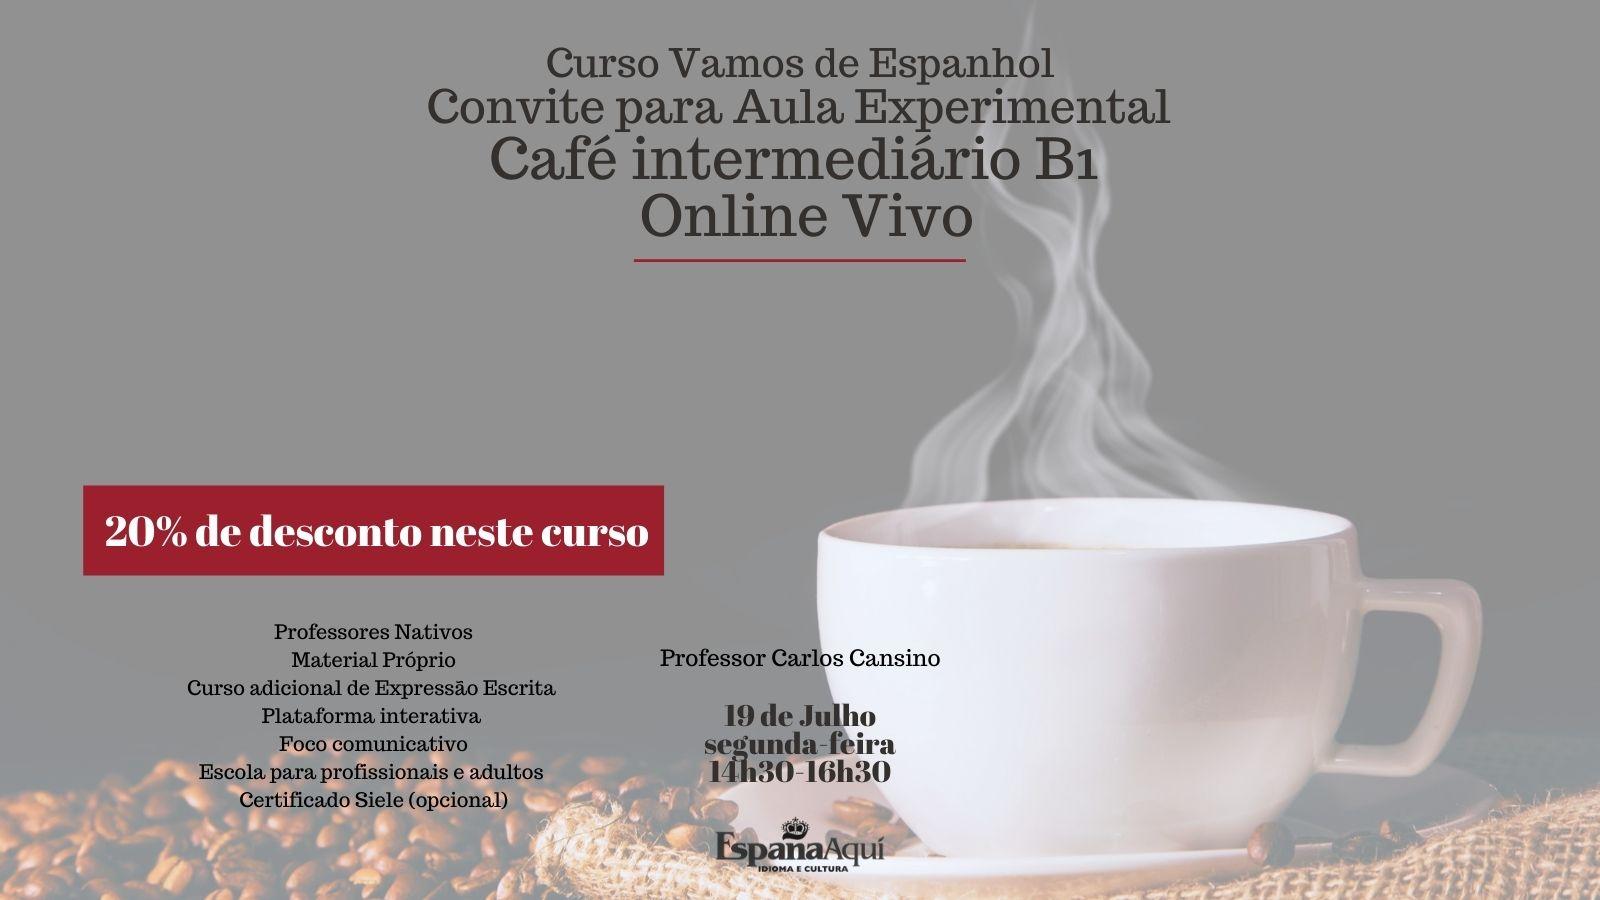 http://www.espanaaqui.com.br/pdf/Julho%202021/caf%c3%a9%20intermedi%c3%a1rio%2019%20de%20Julhi.jpg